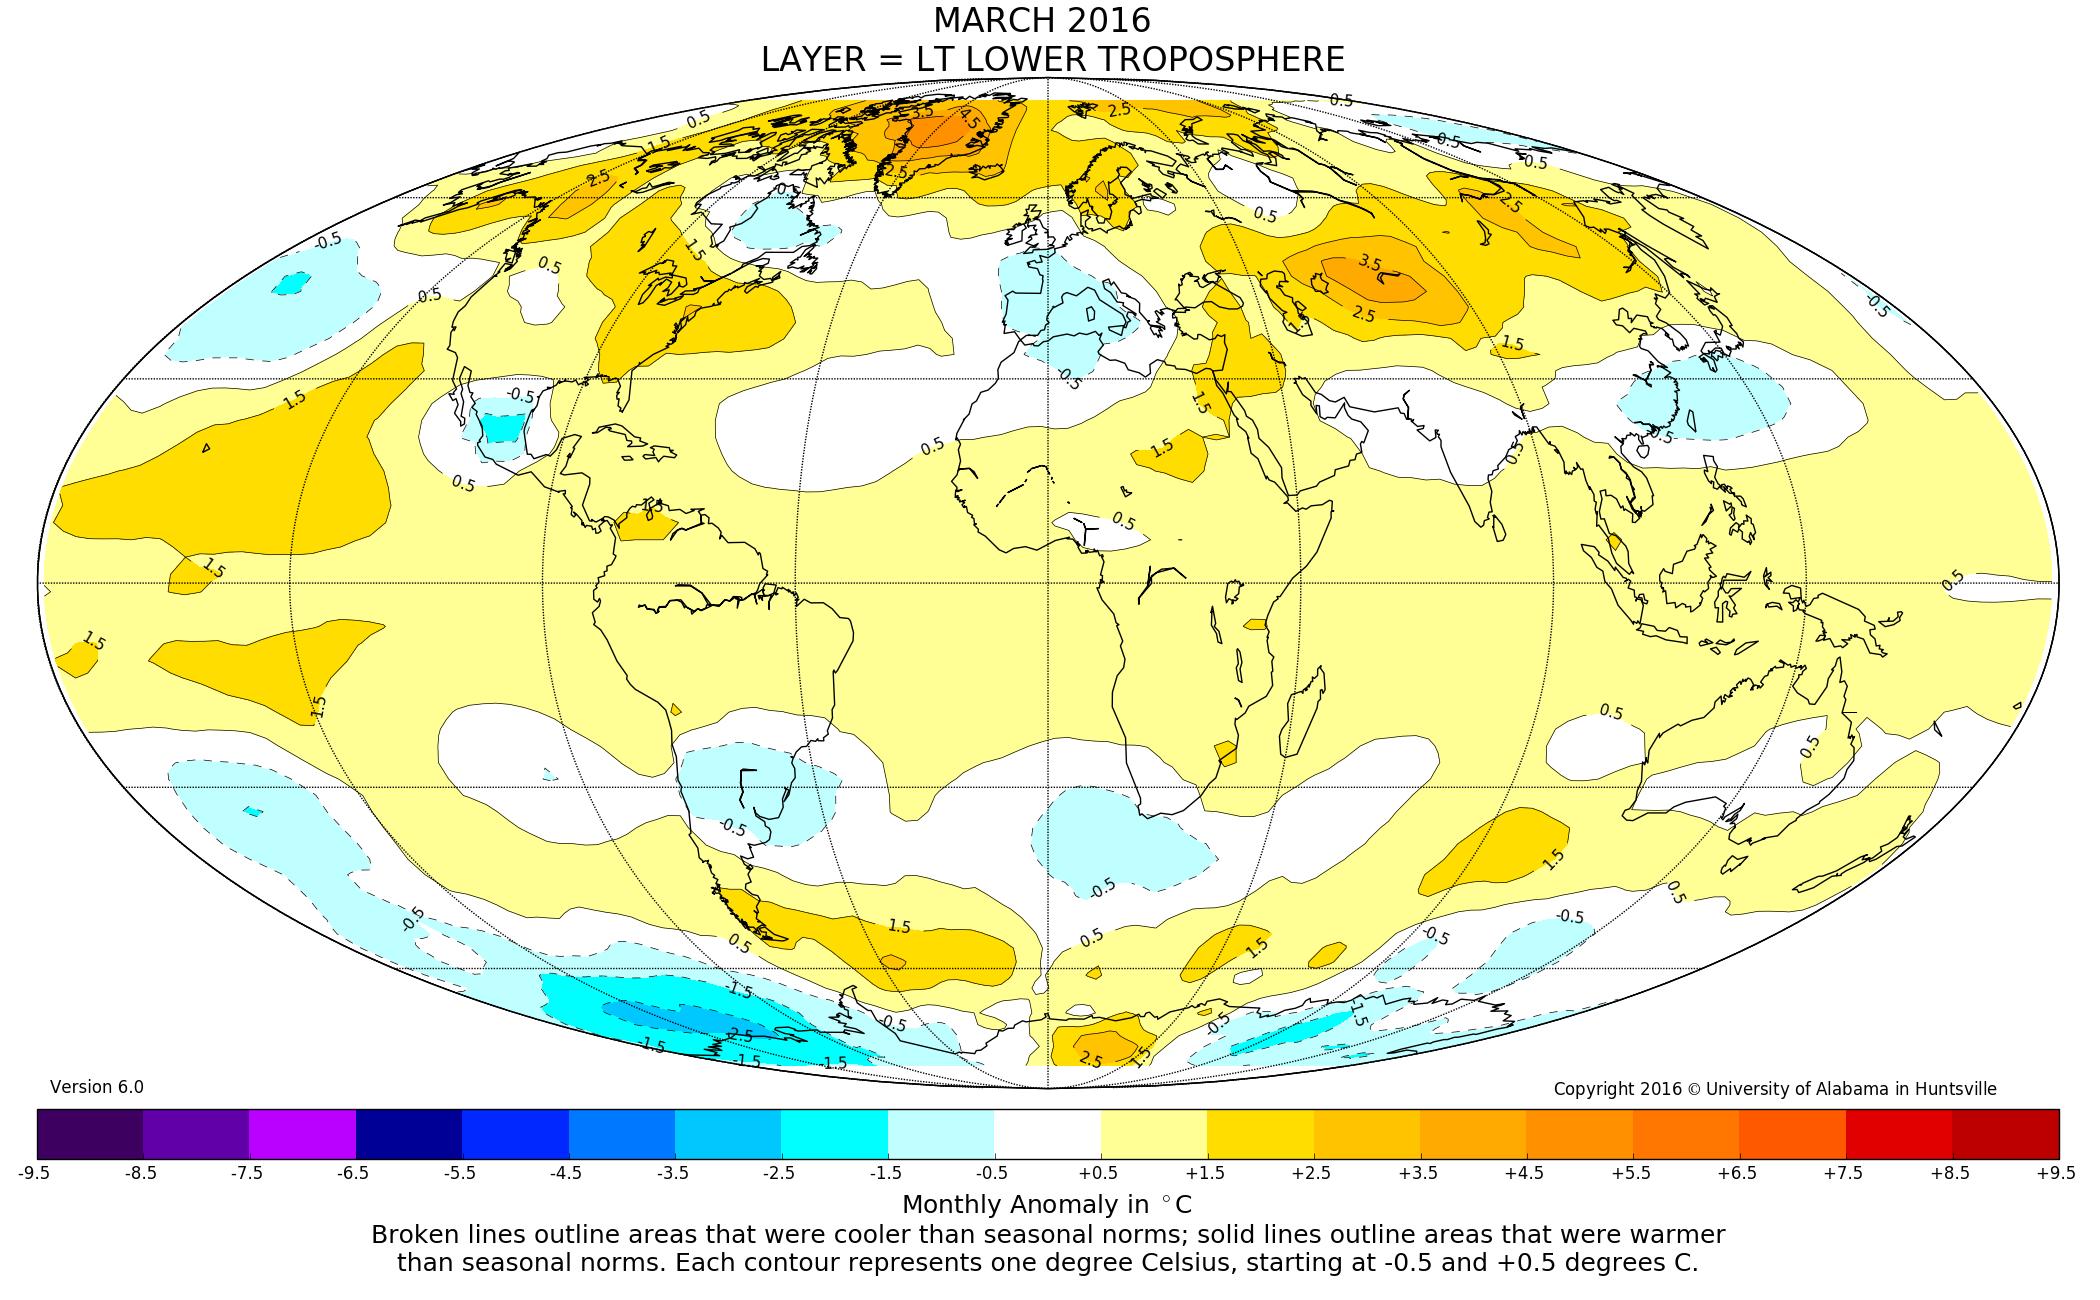 Le temperature del mese di marzo